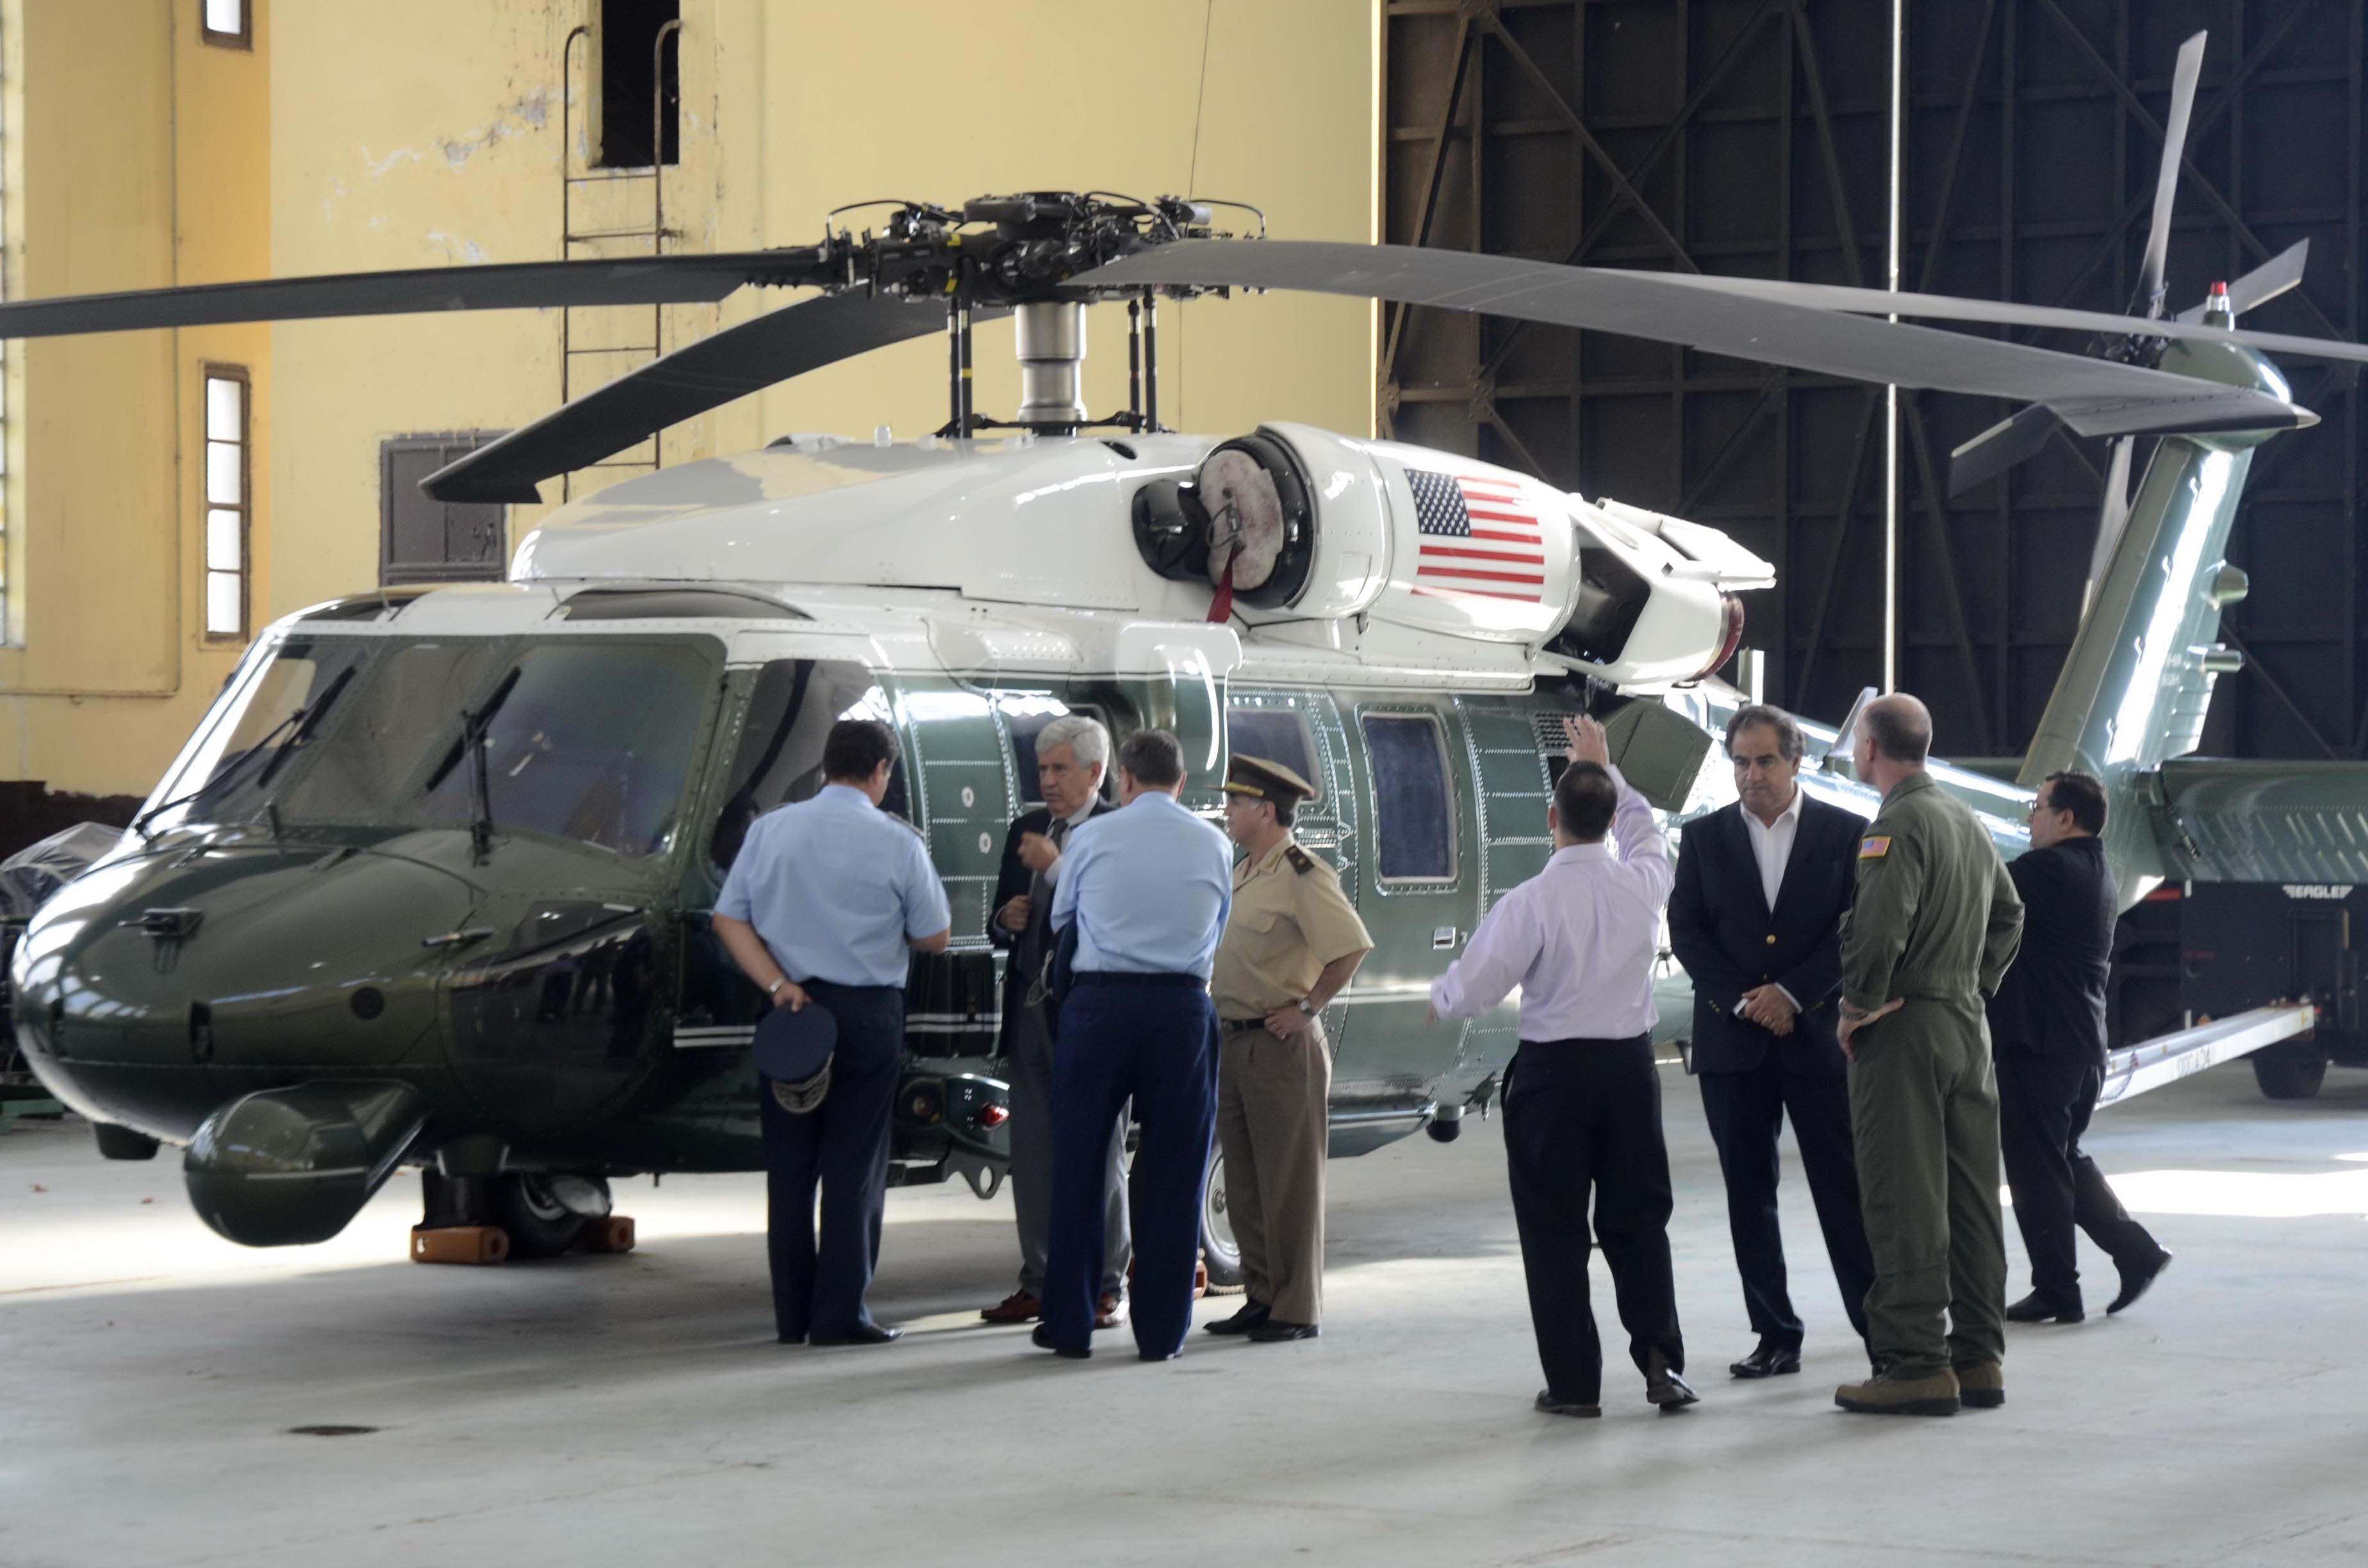 Así será el megaoperativo de seguridad para proteger a Obama en su visita al país